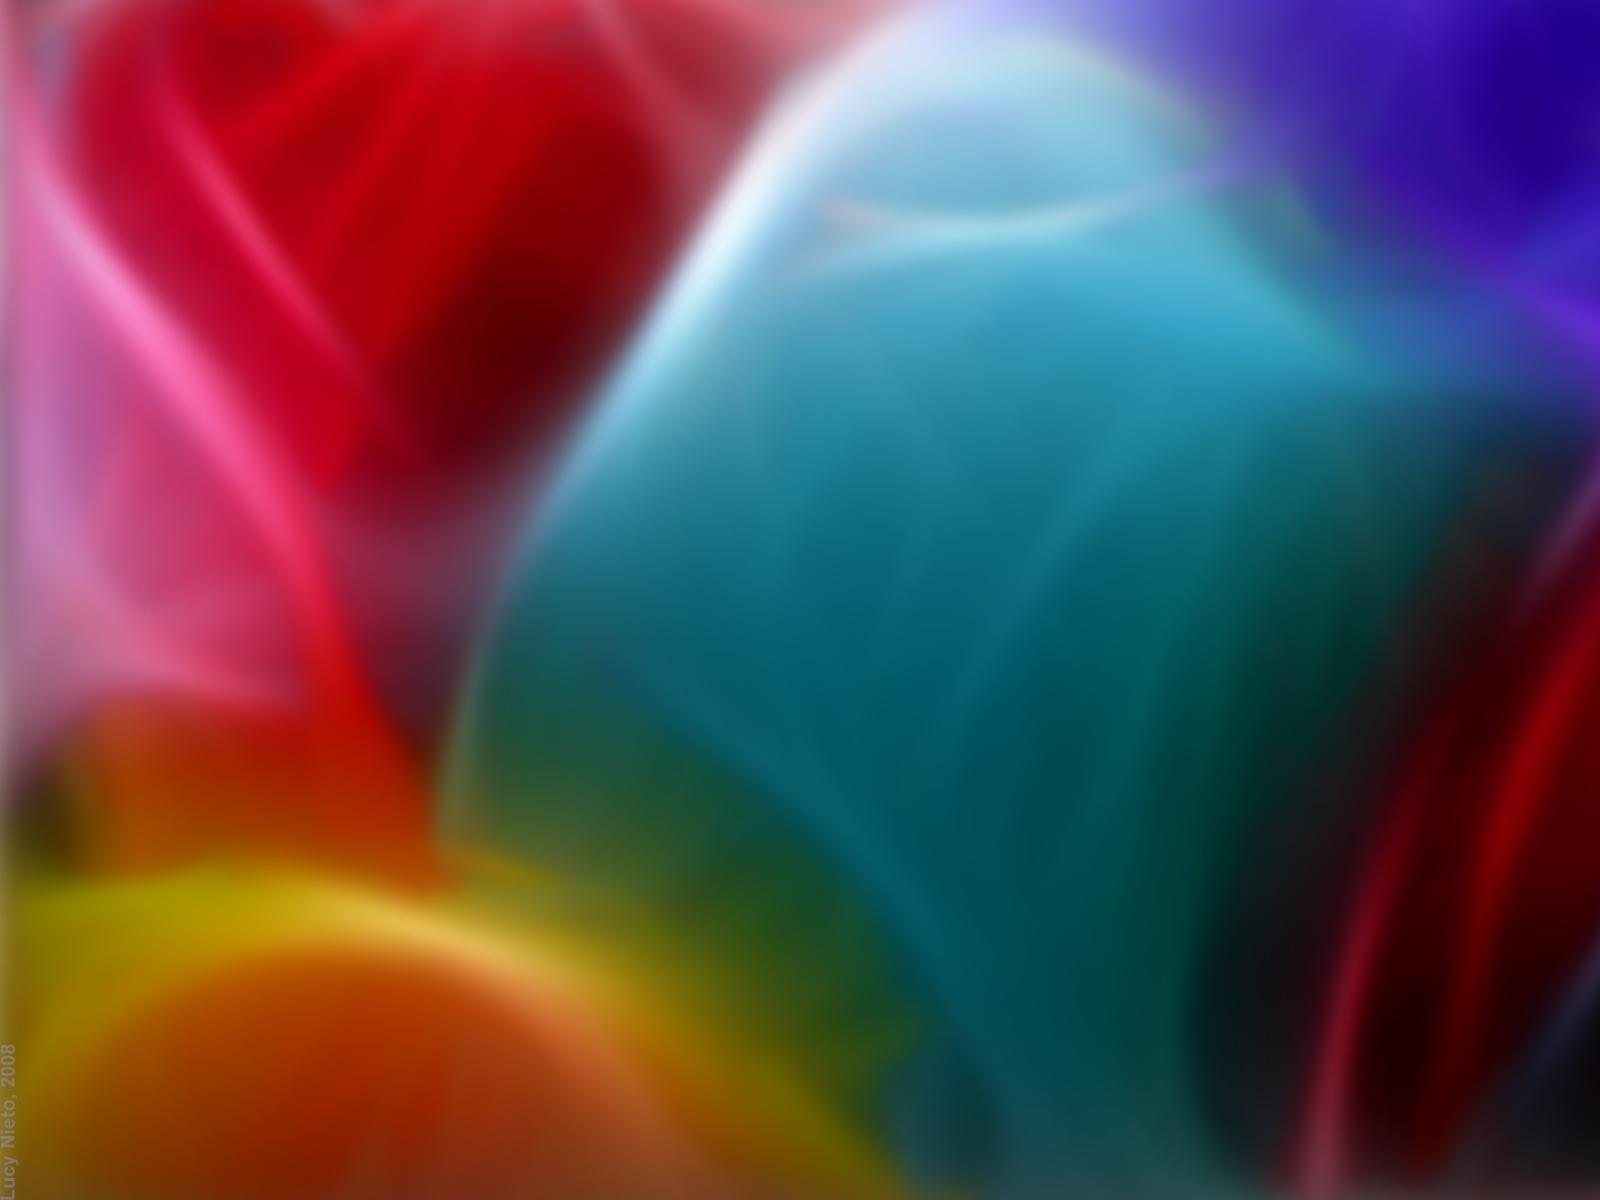 http://4.bp.blogspot.com/-dZ_SOPQn7MY/UUjFJ3j4VRI/AAAAAAAADCY/Fe2W2QMvcsI/s1600/colors.jpg